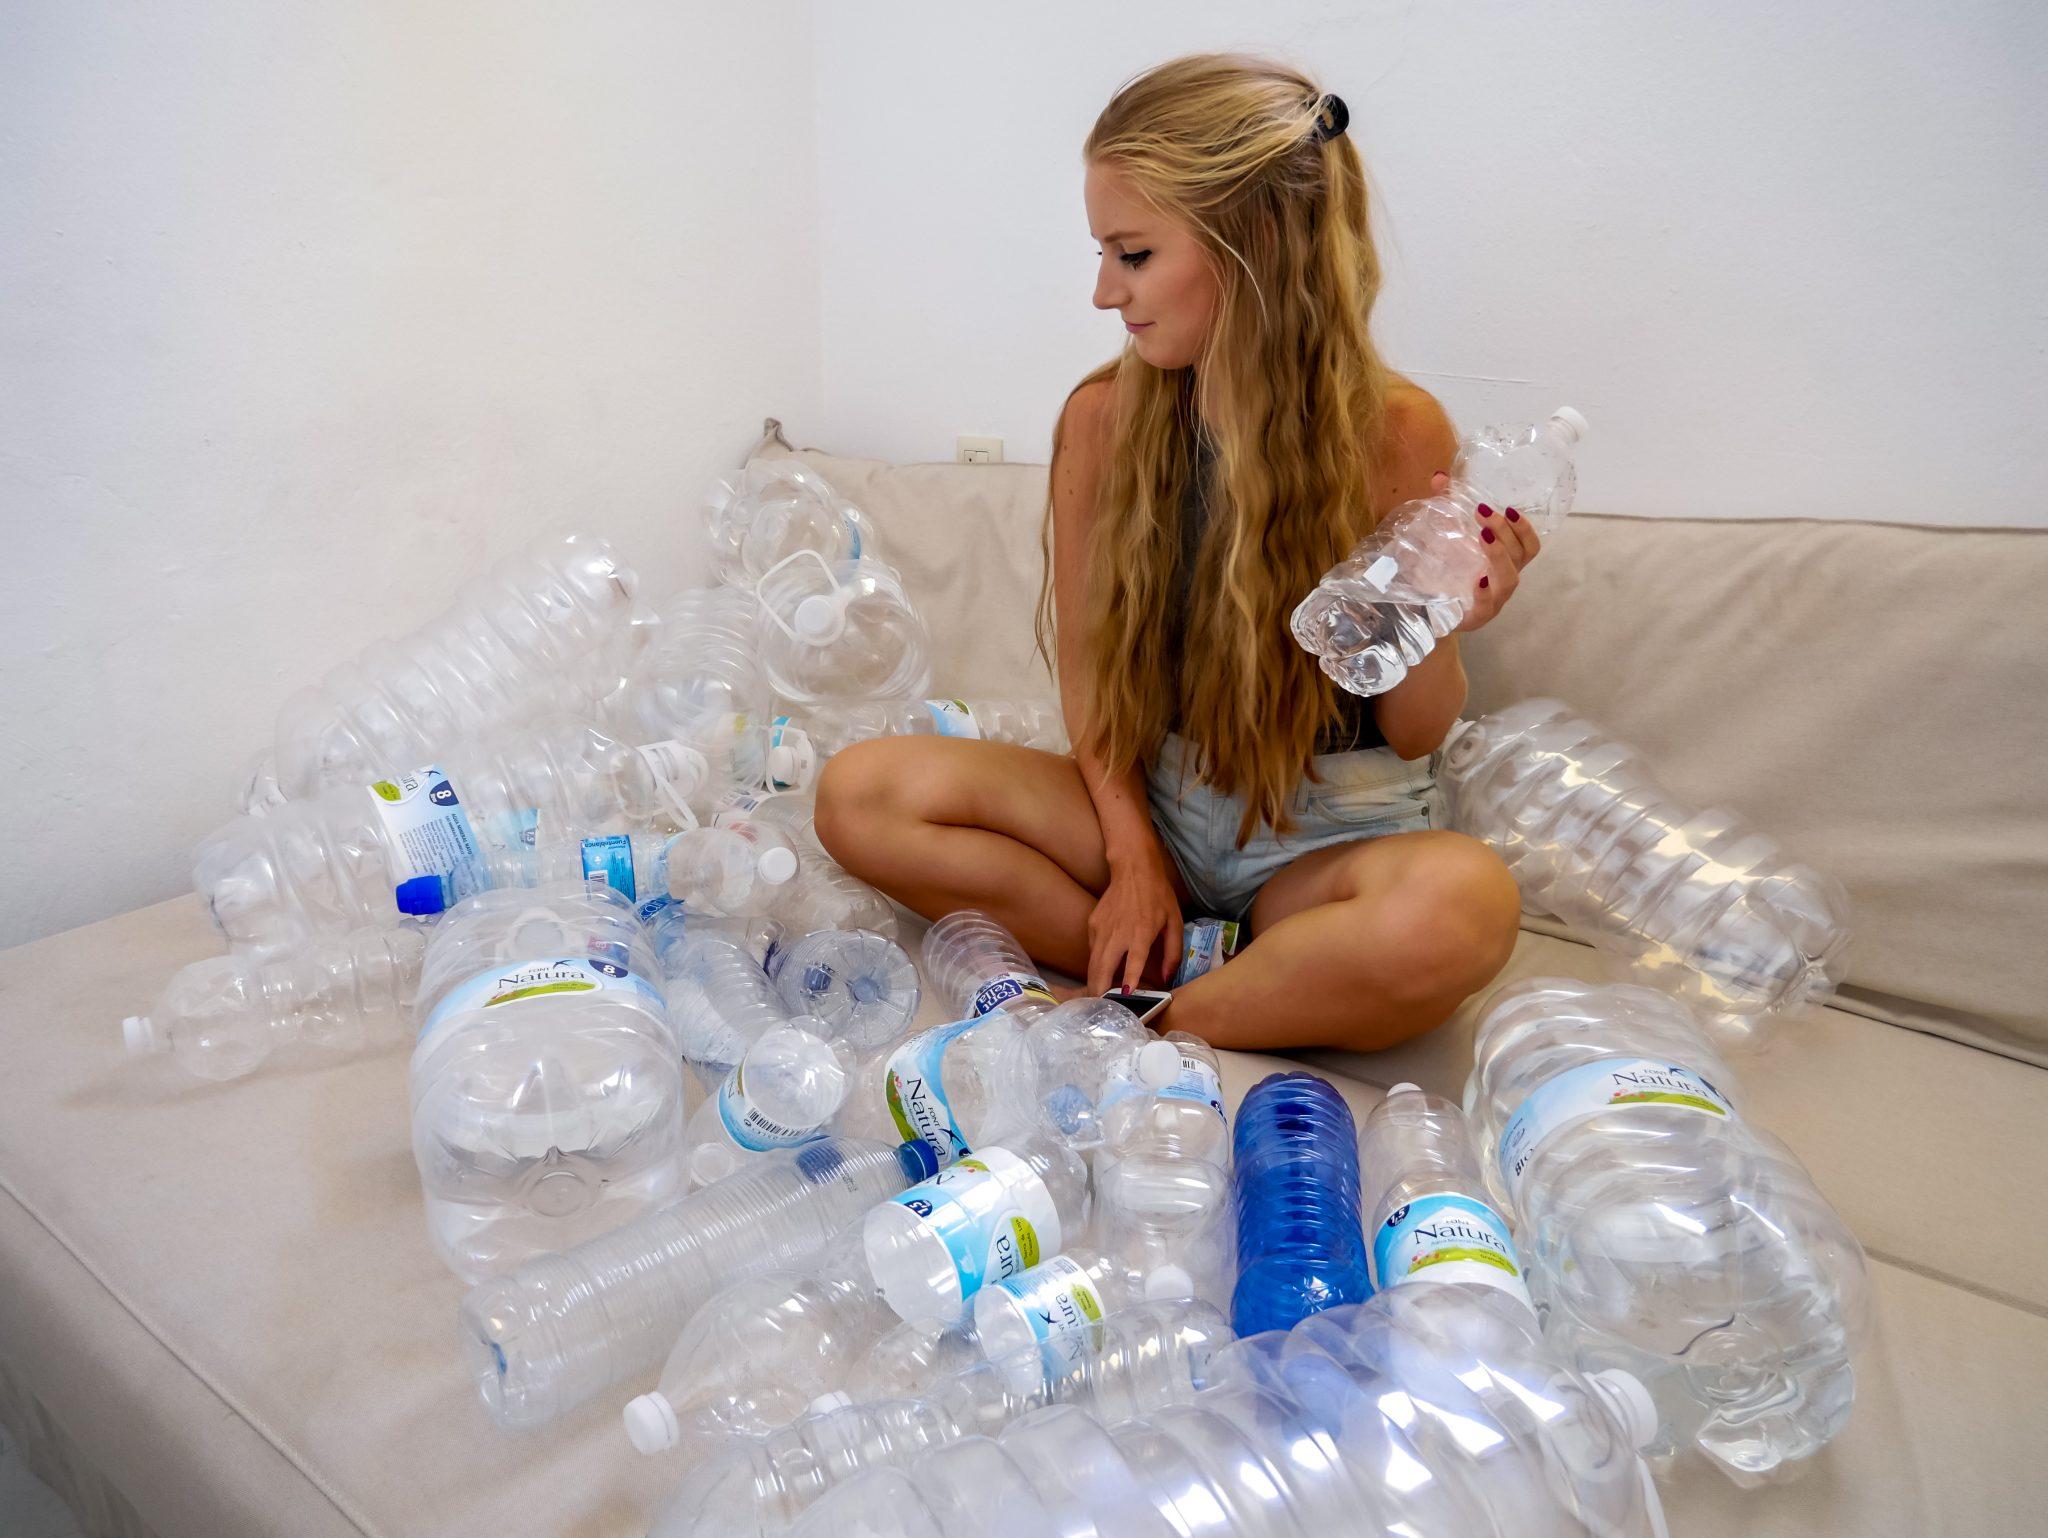 Spanien besitzt kein Pfandflaschen-System. Wasser aus der Leitung ist nicht immer trinkbar...